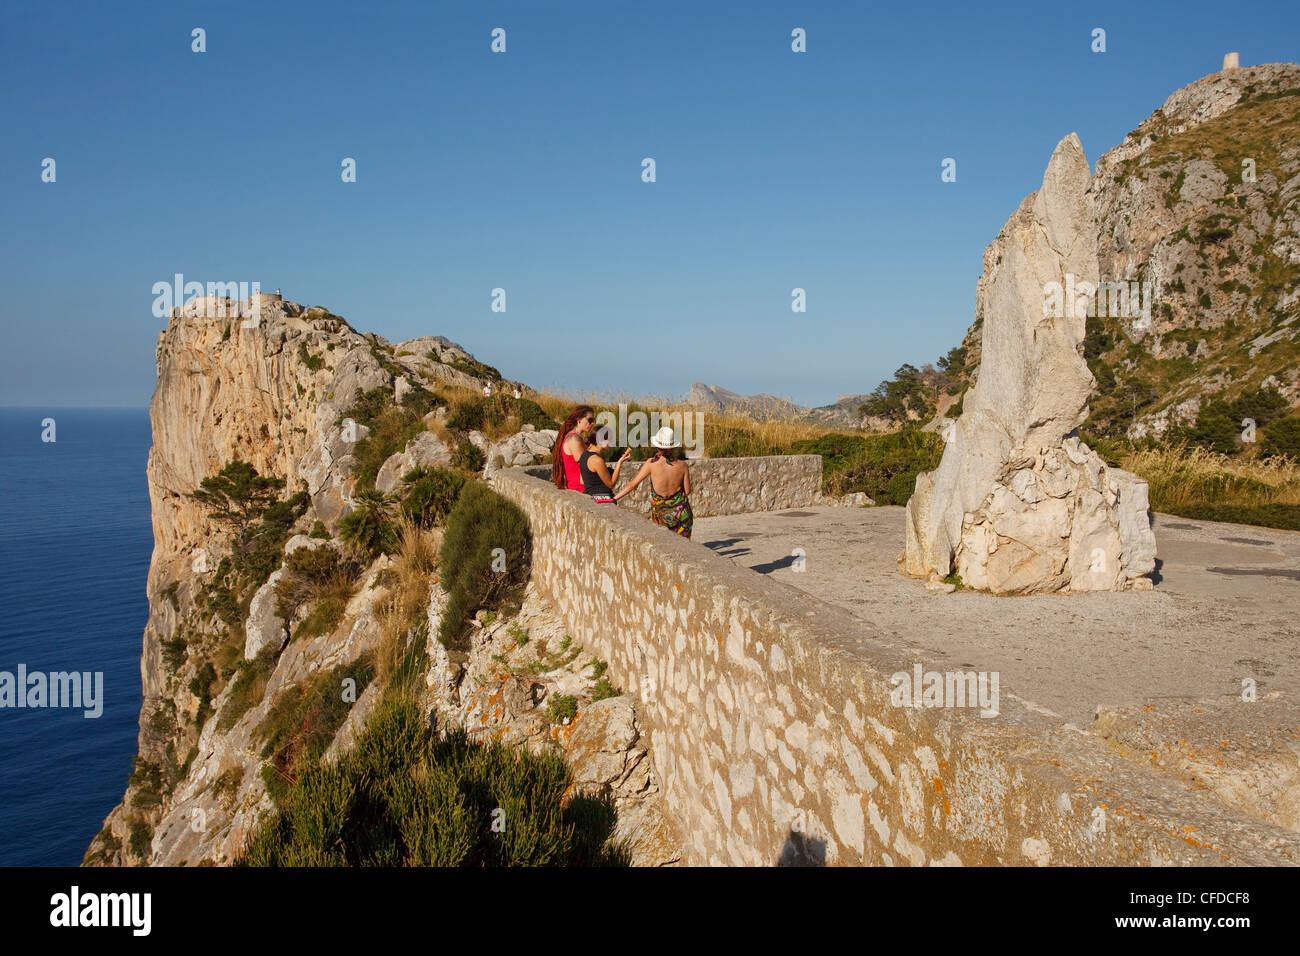 Point de vue, Mirador d'es Colomer, Mirador de Mal Pas, Cap de Formentor, le cap Formentor, Majorque, Iles Baléares, Photo Stock